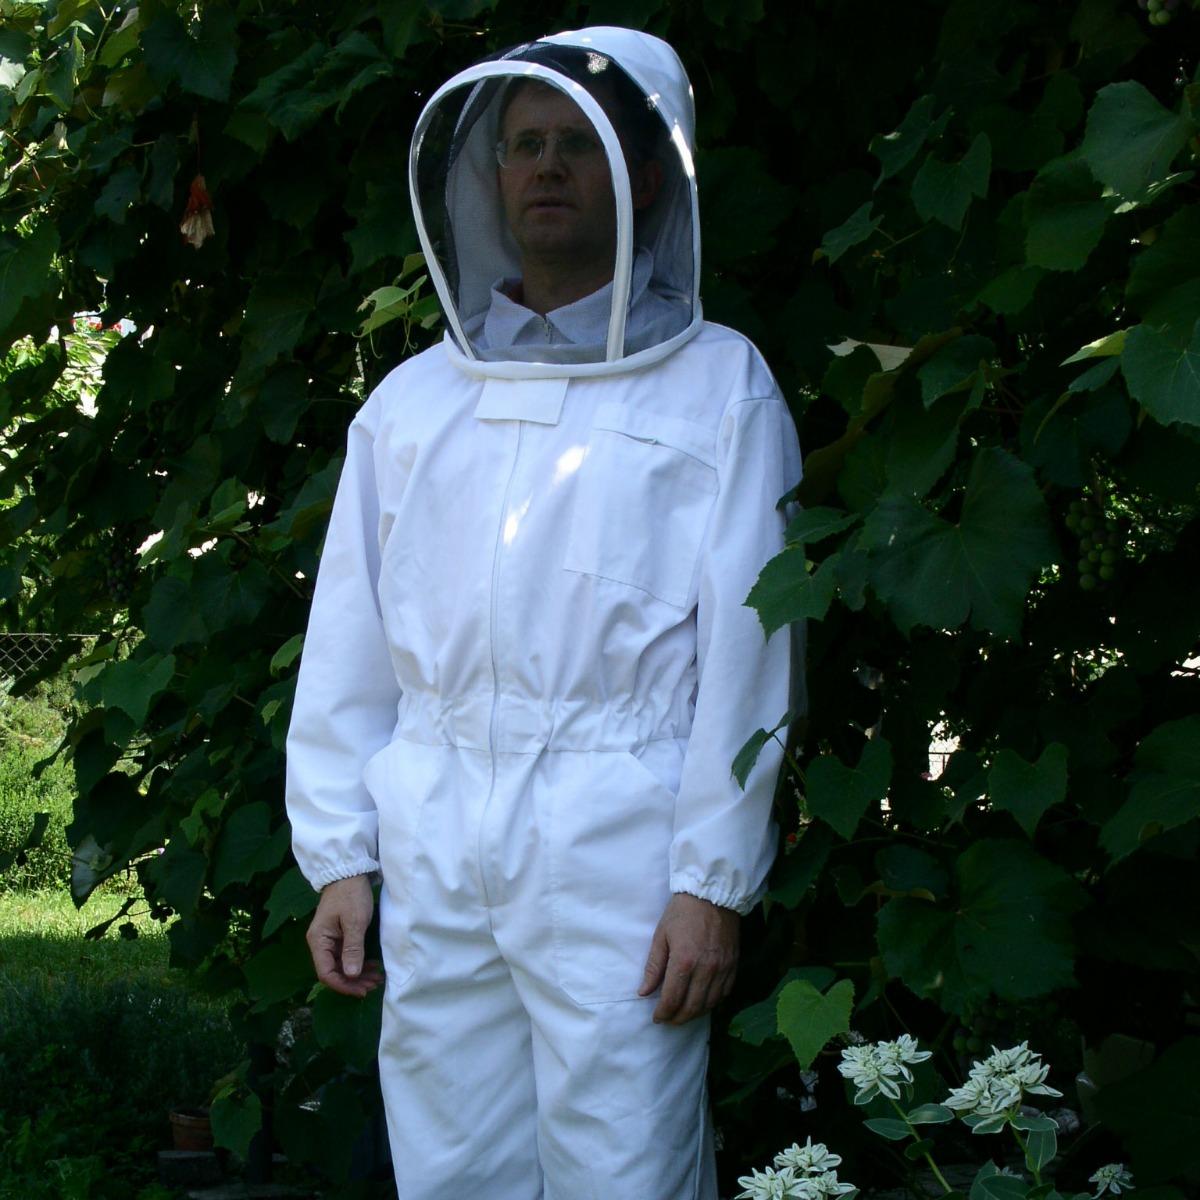 Prva čebelarska zaščitna obleka podjetja Apikunst.